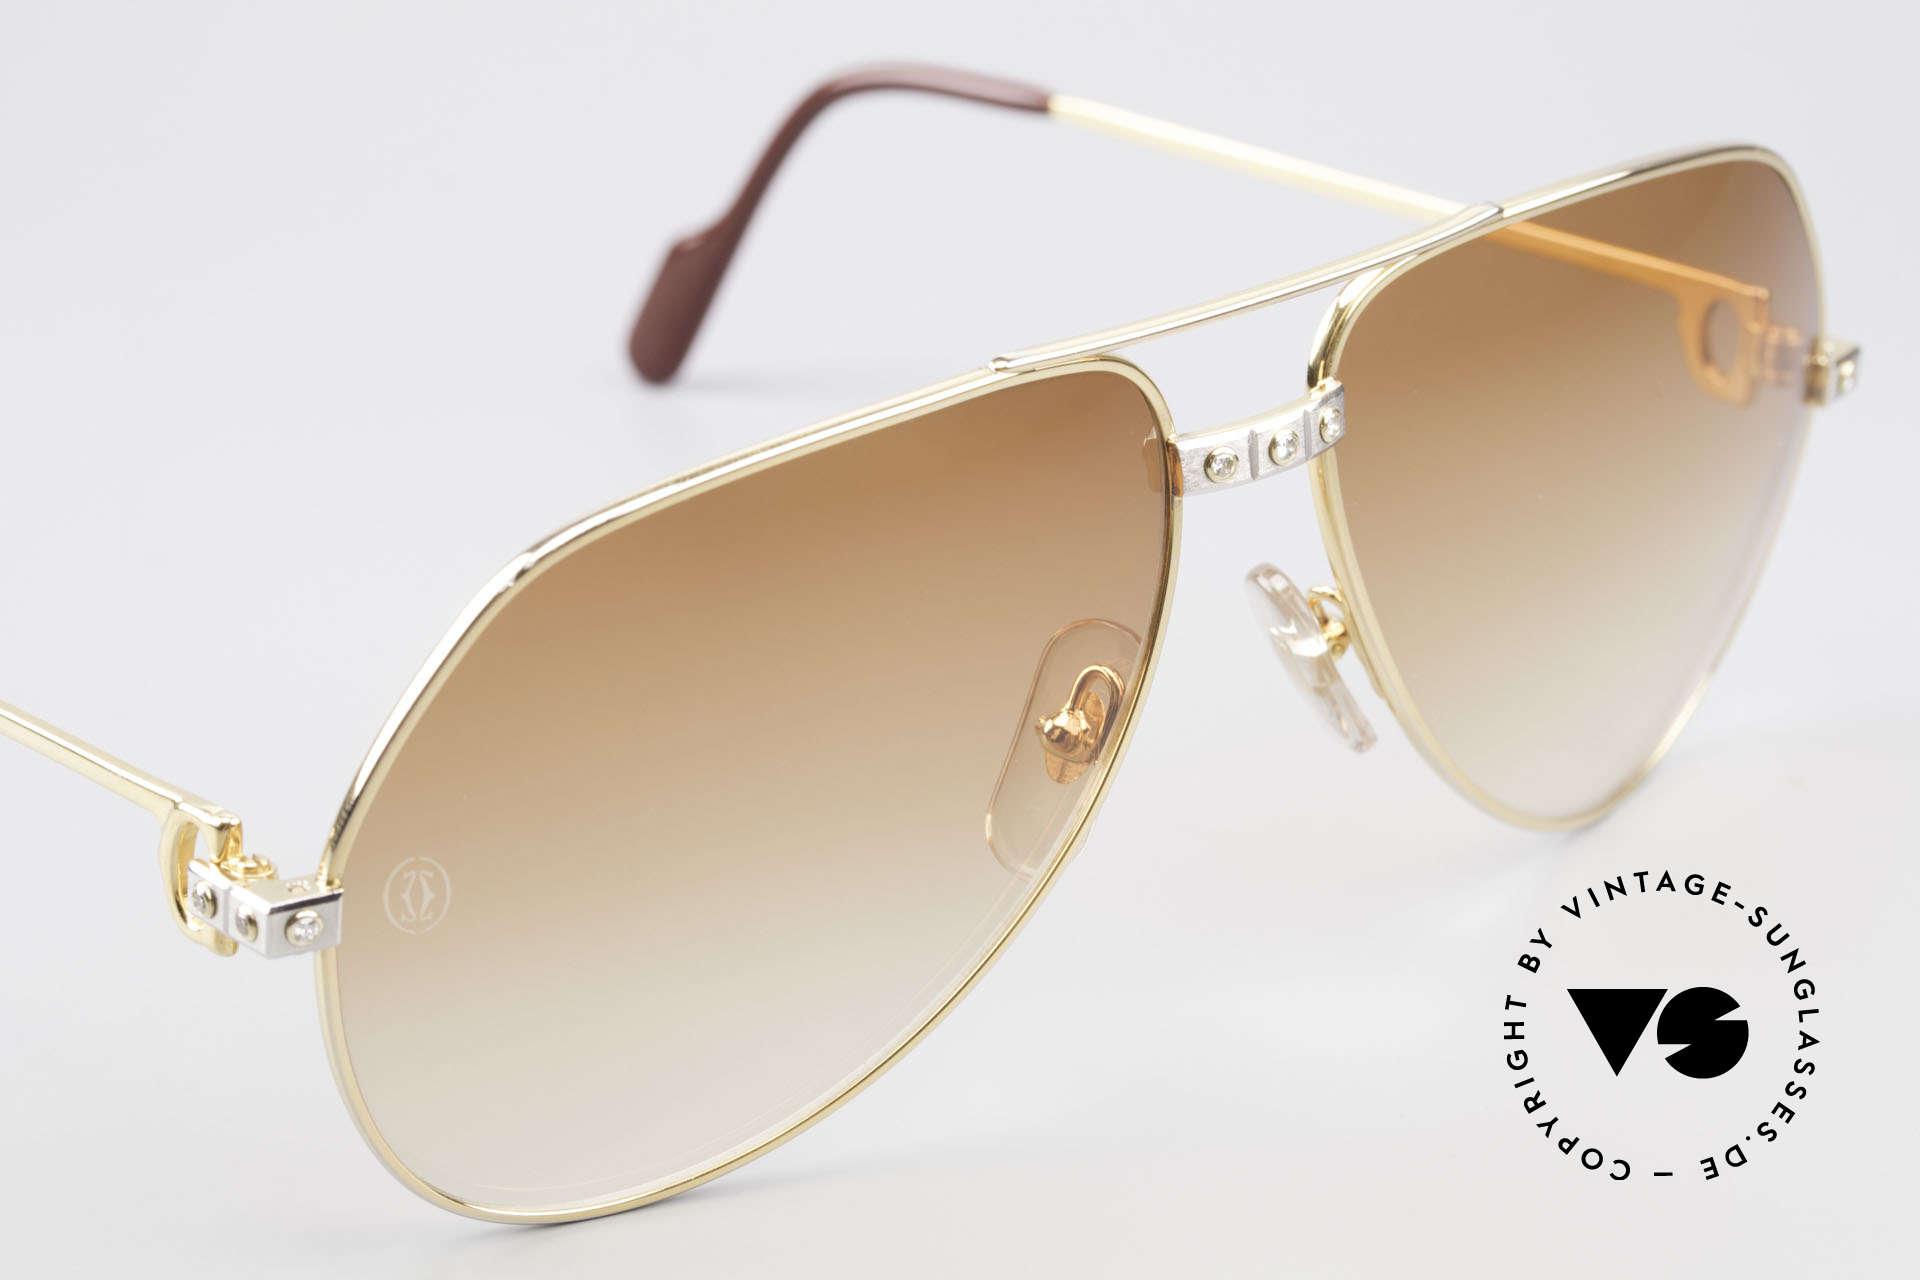 Cartier Vendome Santos - L Luxus Diamanten Sonnenbrille, Größe: large, Passend für Herren